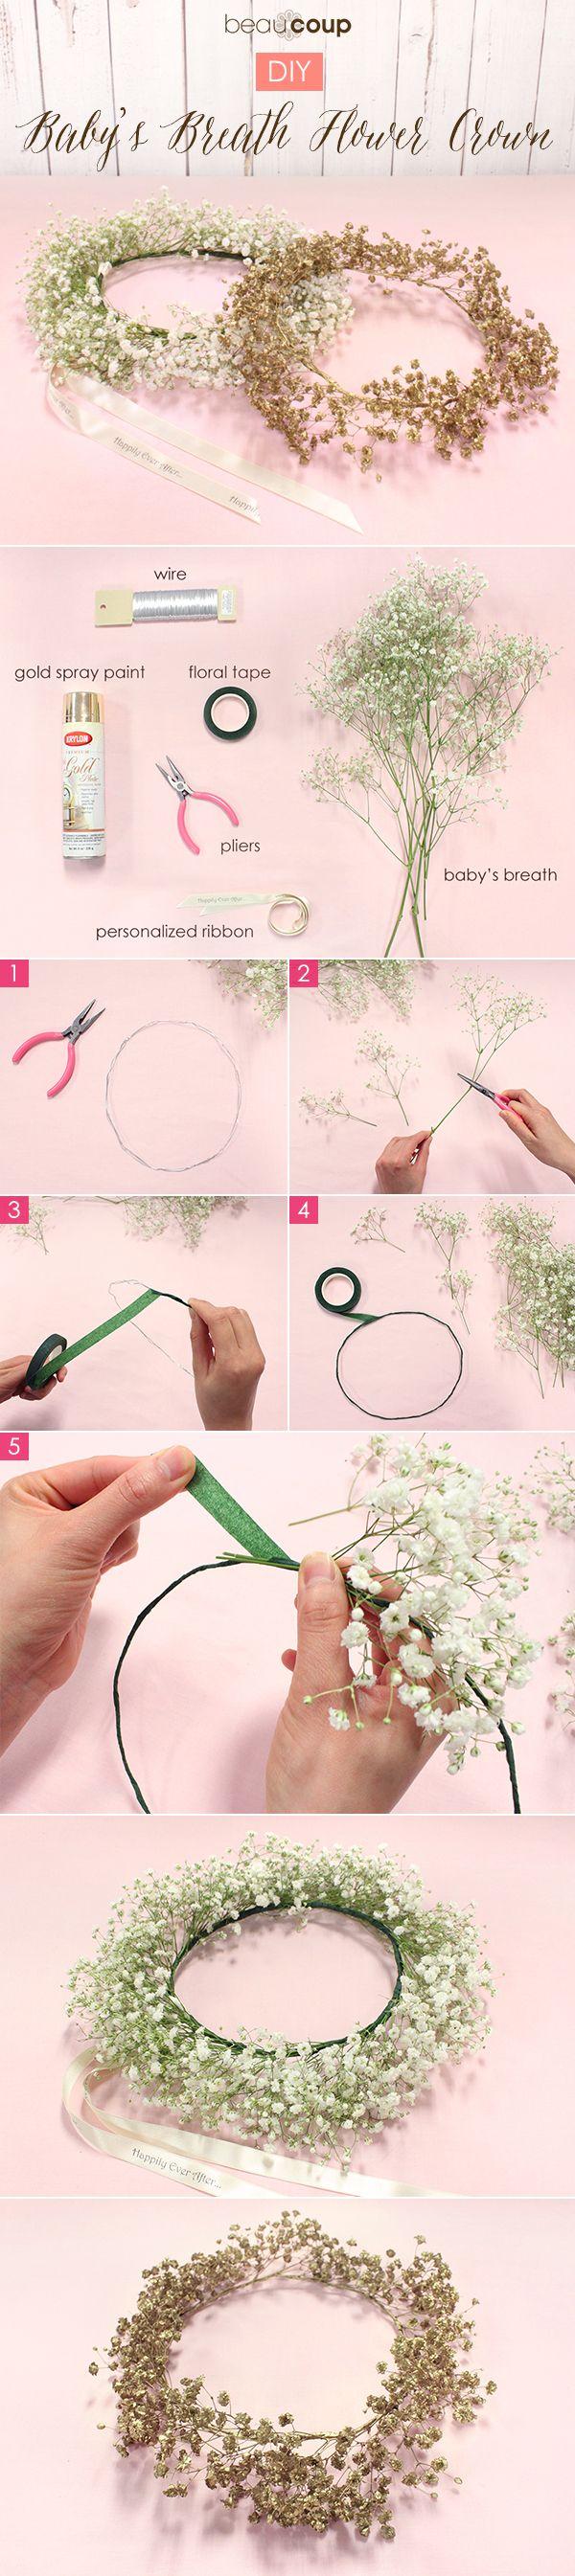 How To Diy Baby S Breath Flower Crown Diy Flower Crown Flower Crown Diy Flowers